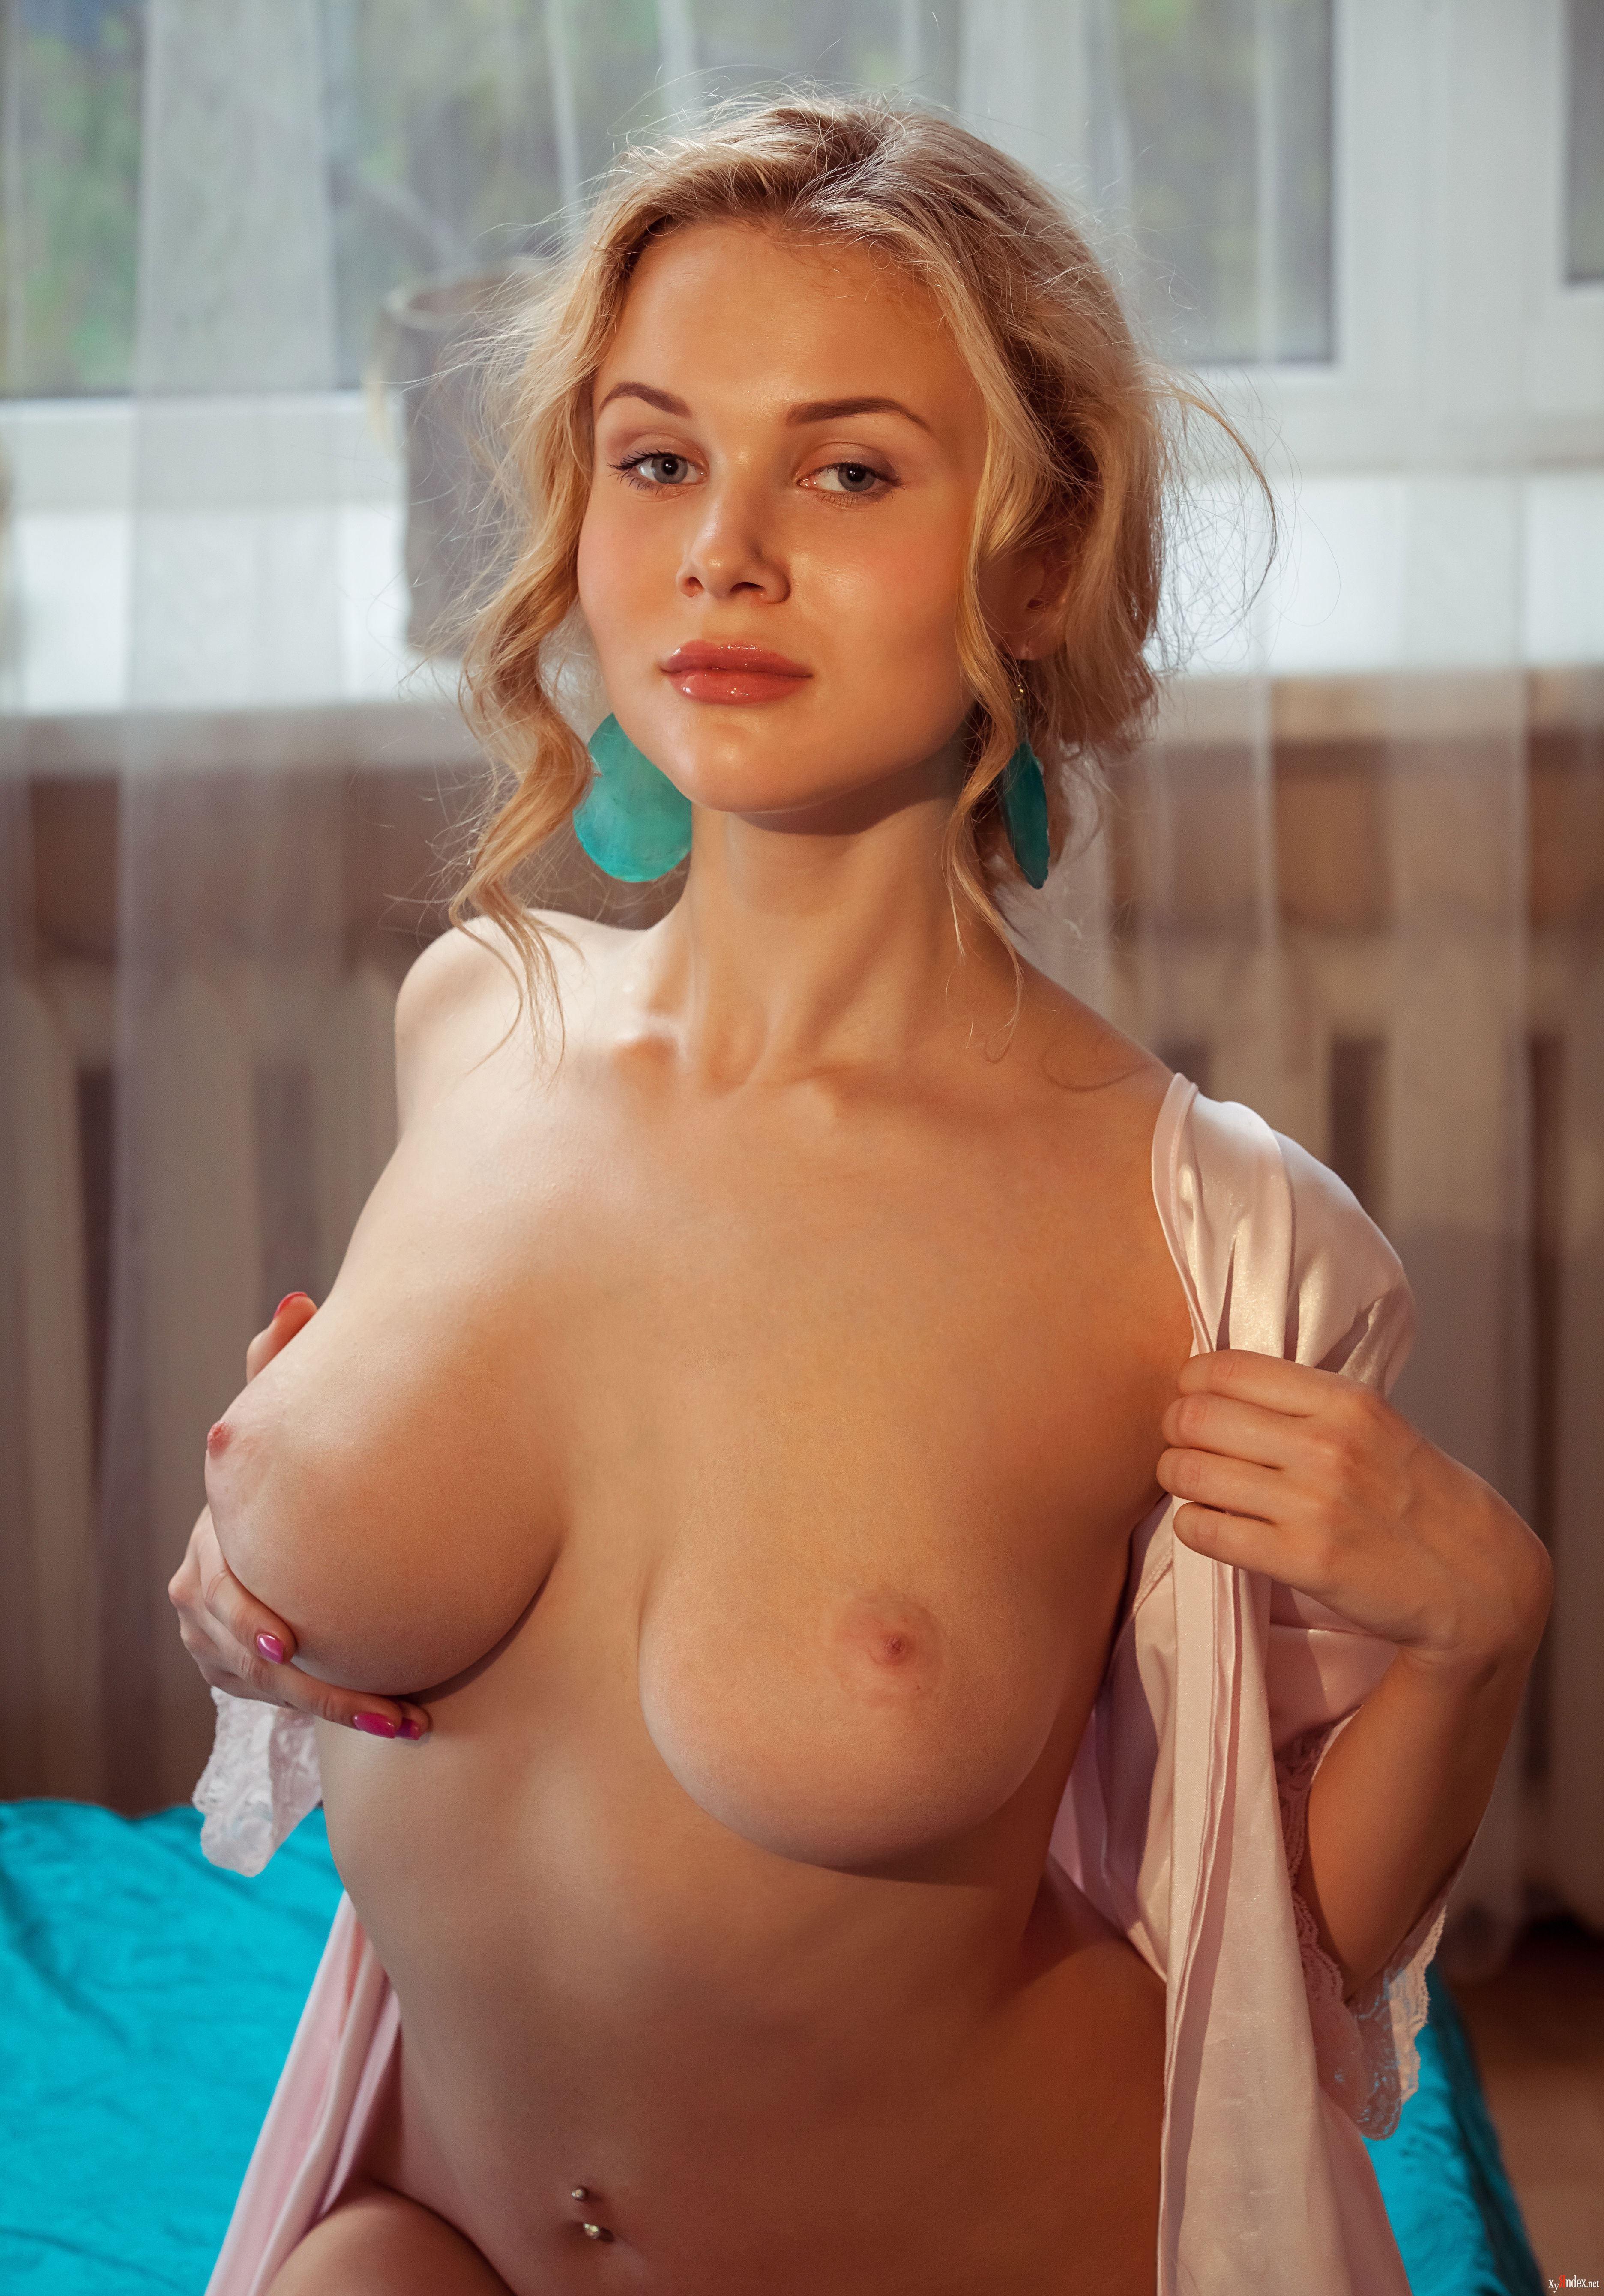 Vintage carolyn evans nude